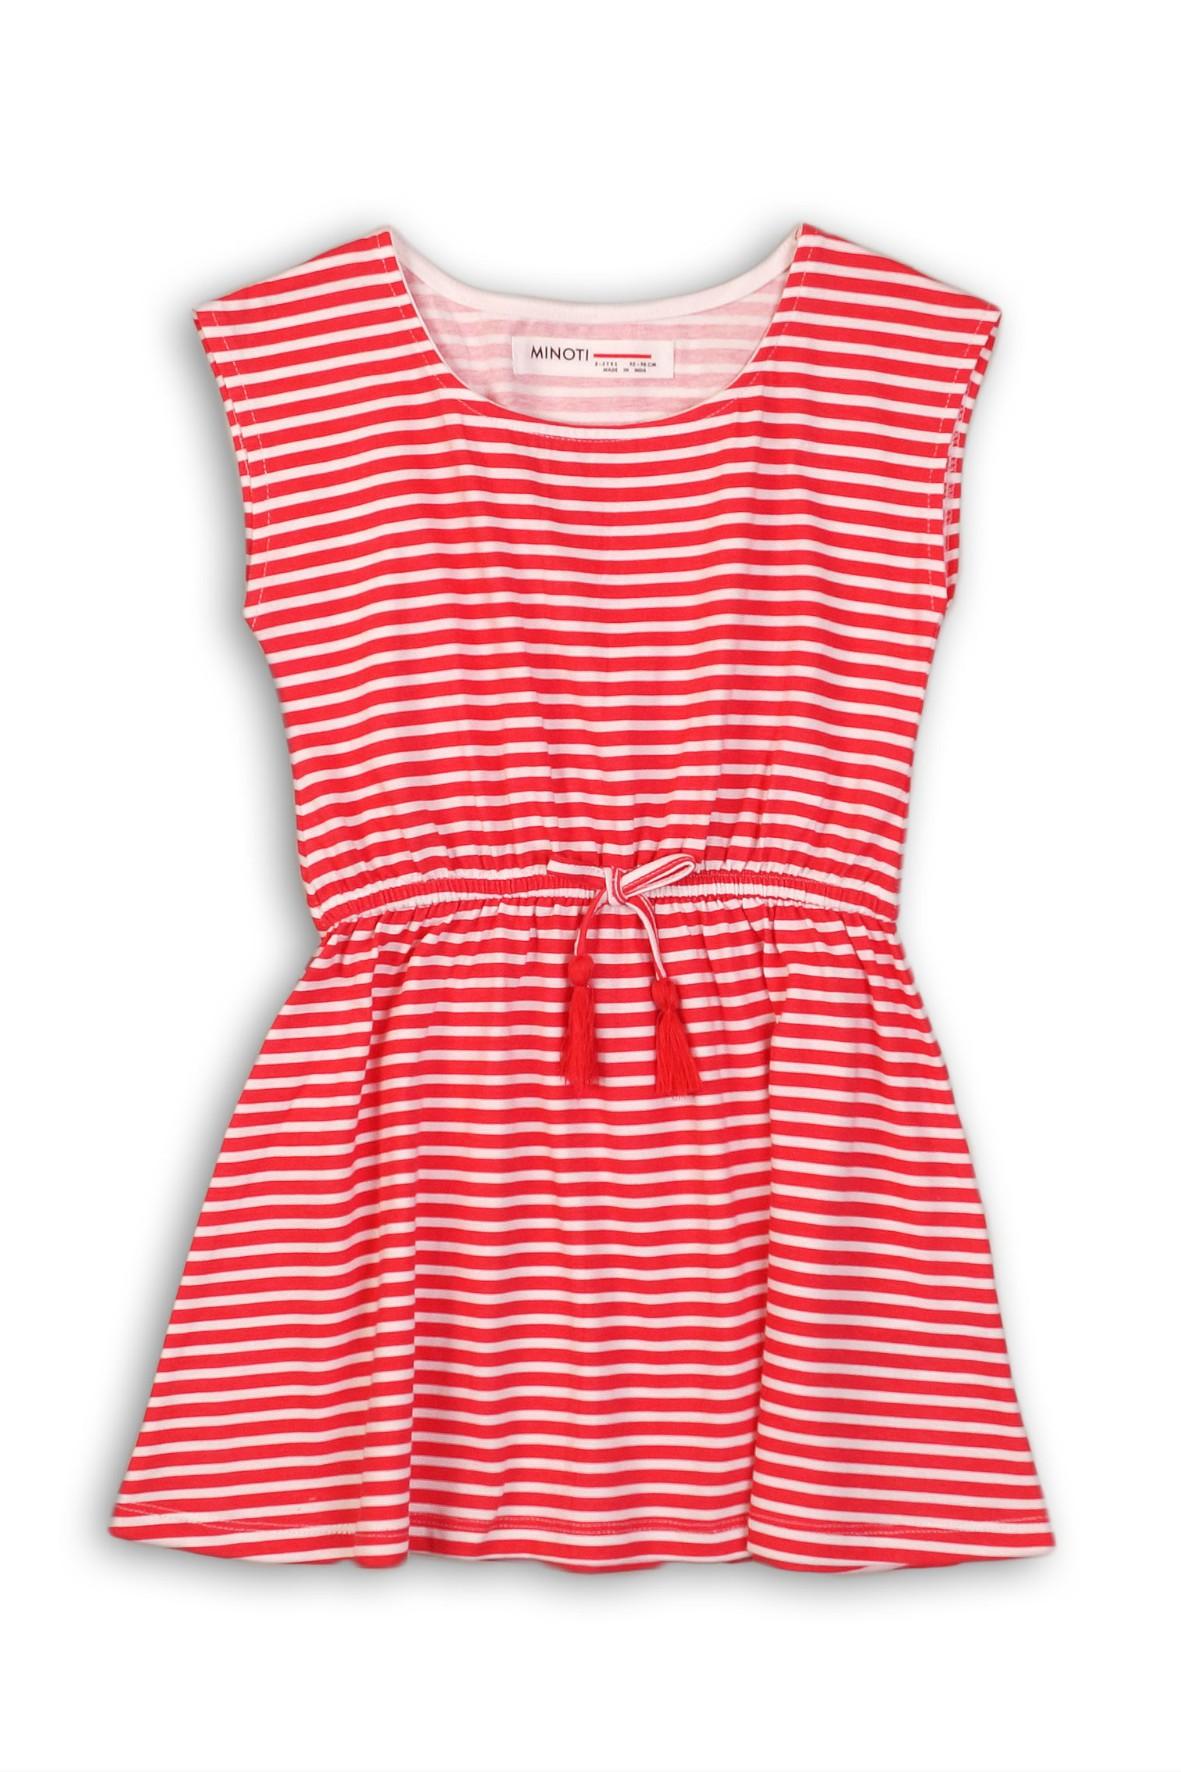 498c335237 Sukienka dziewczęca bawełniana na lato w czerwono-białe paski ...